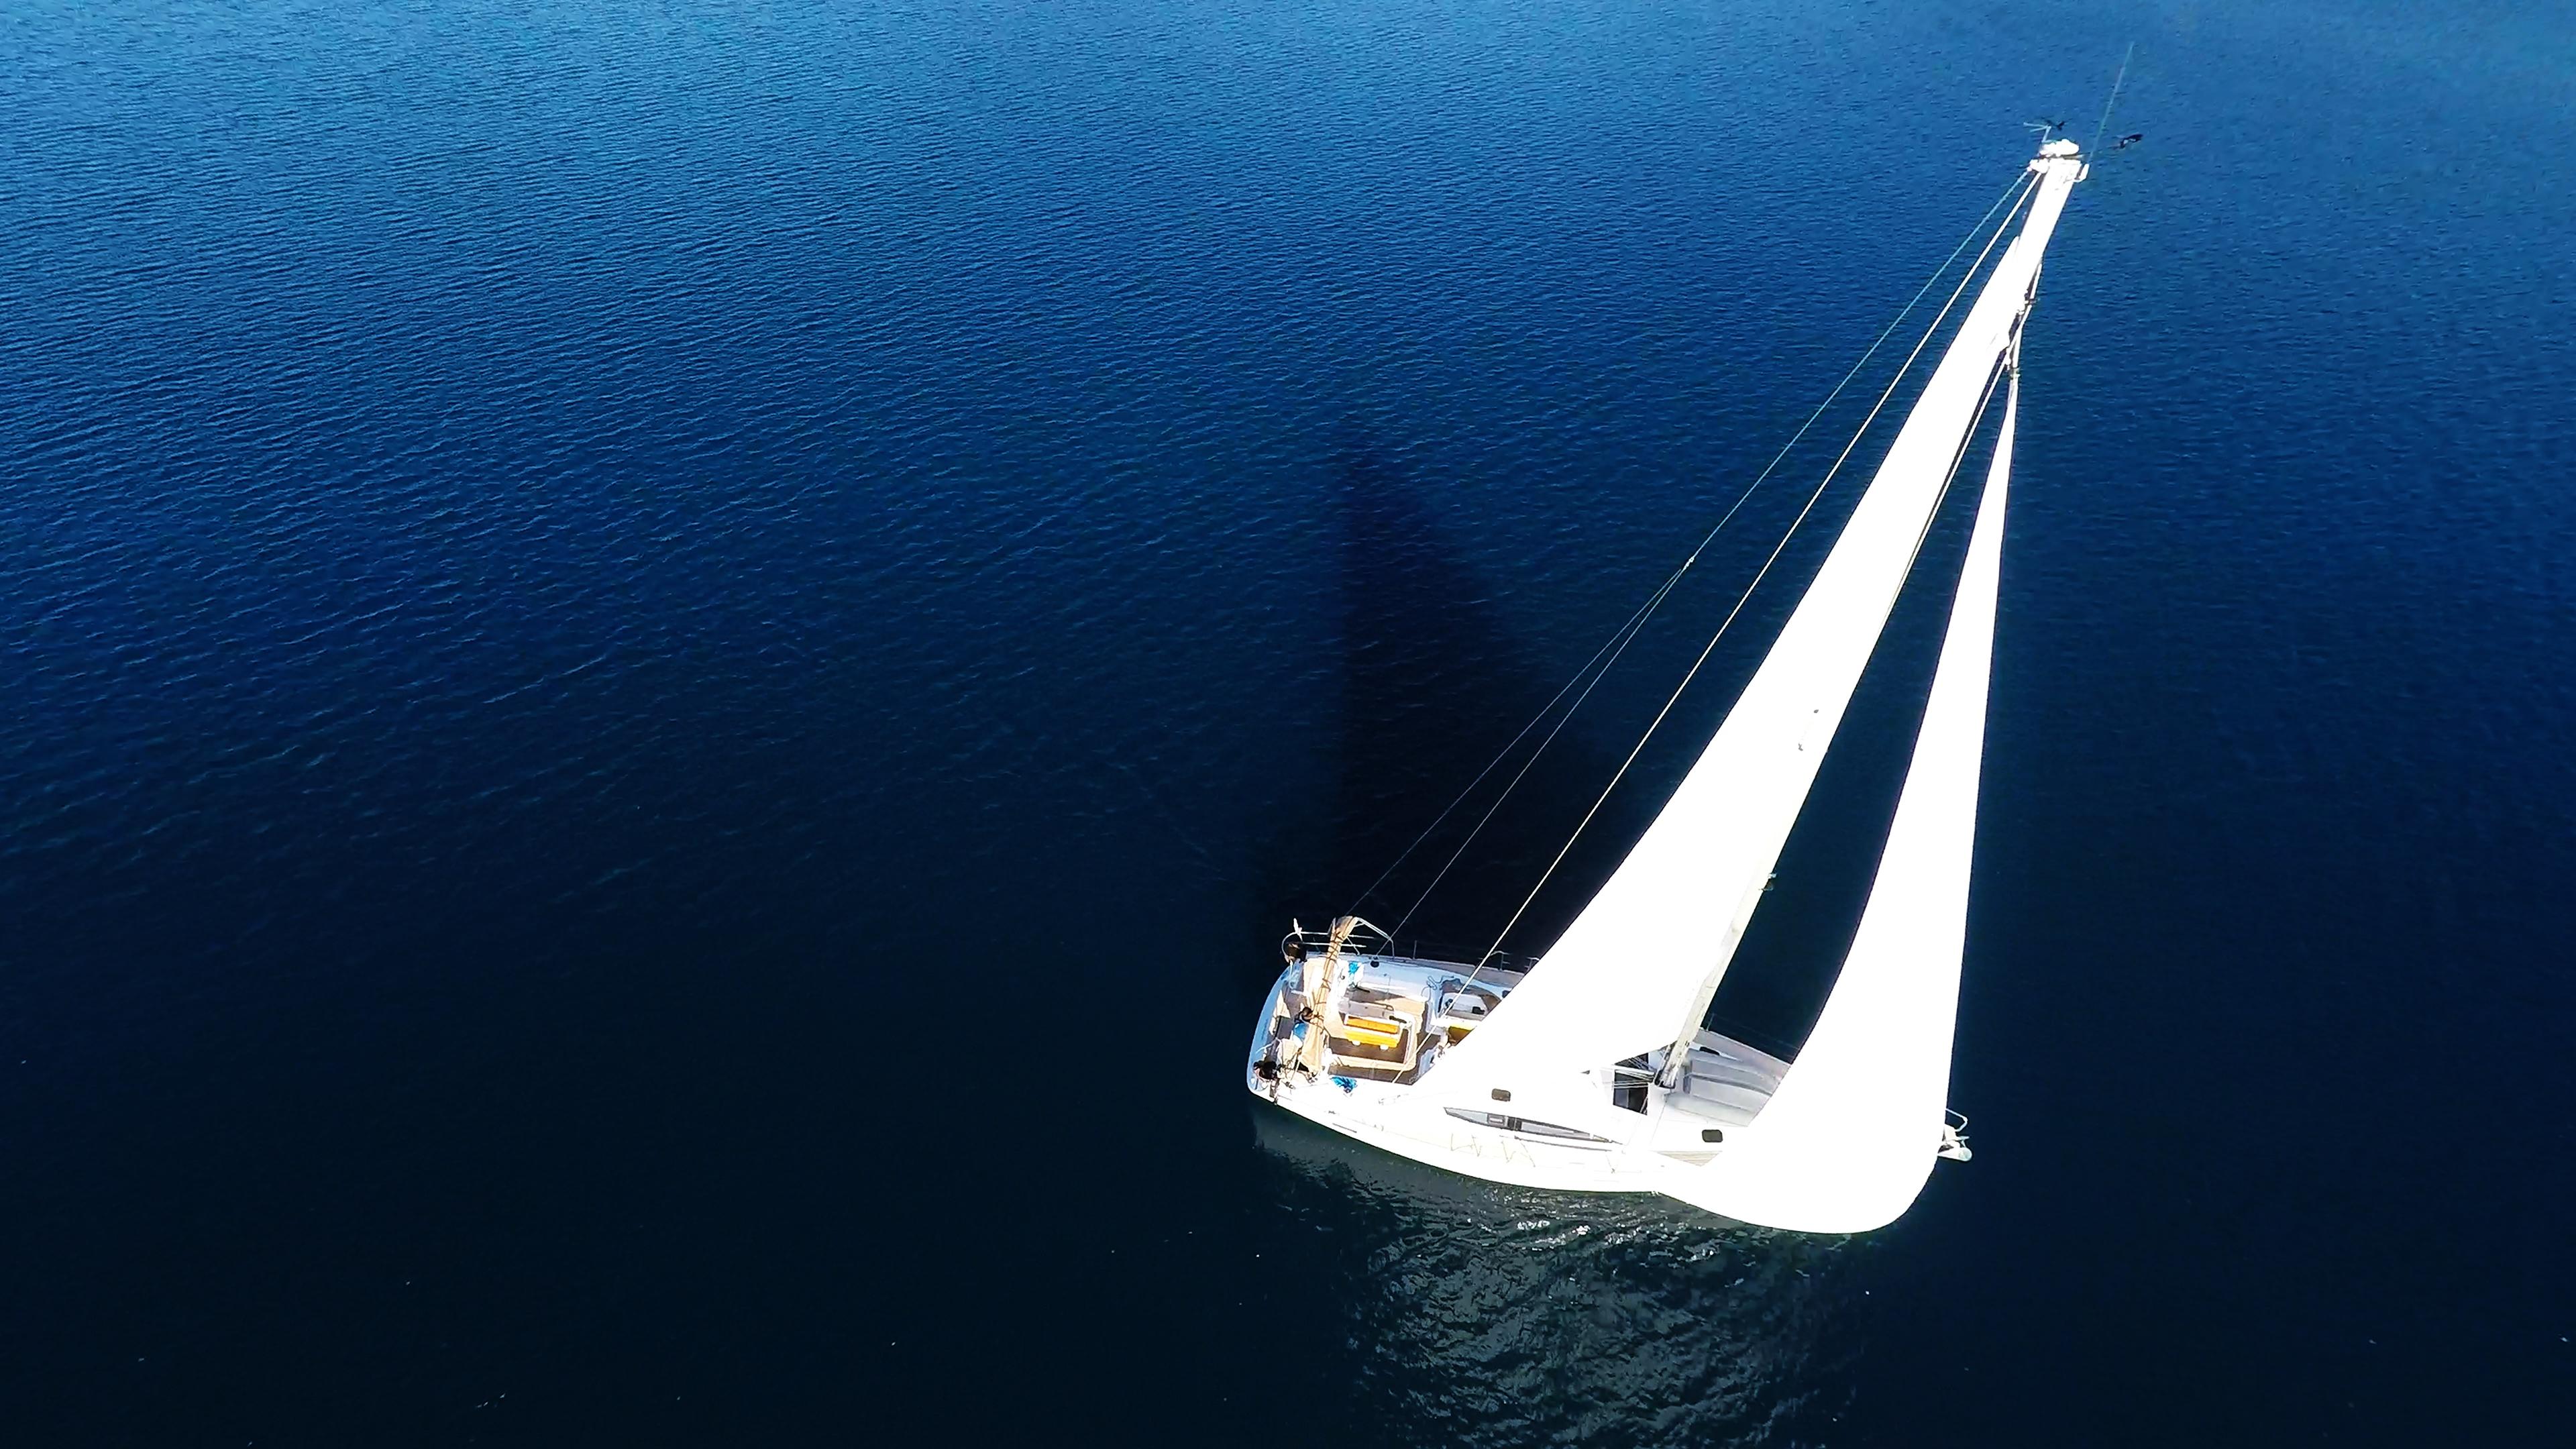 barcha a vela barca a vela yacht a vela mare blu vela albero